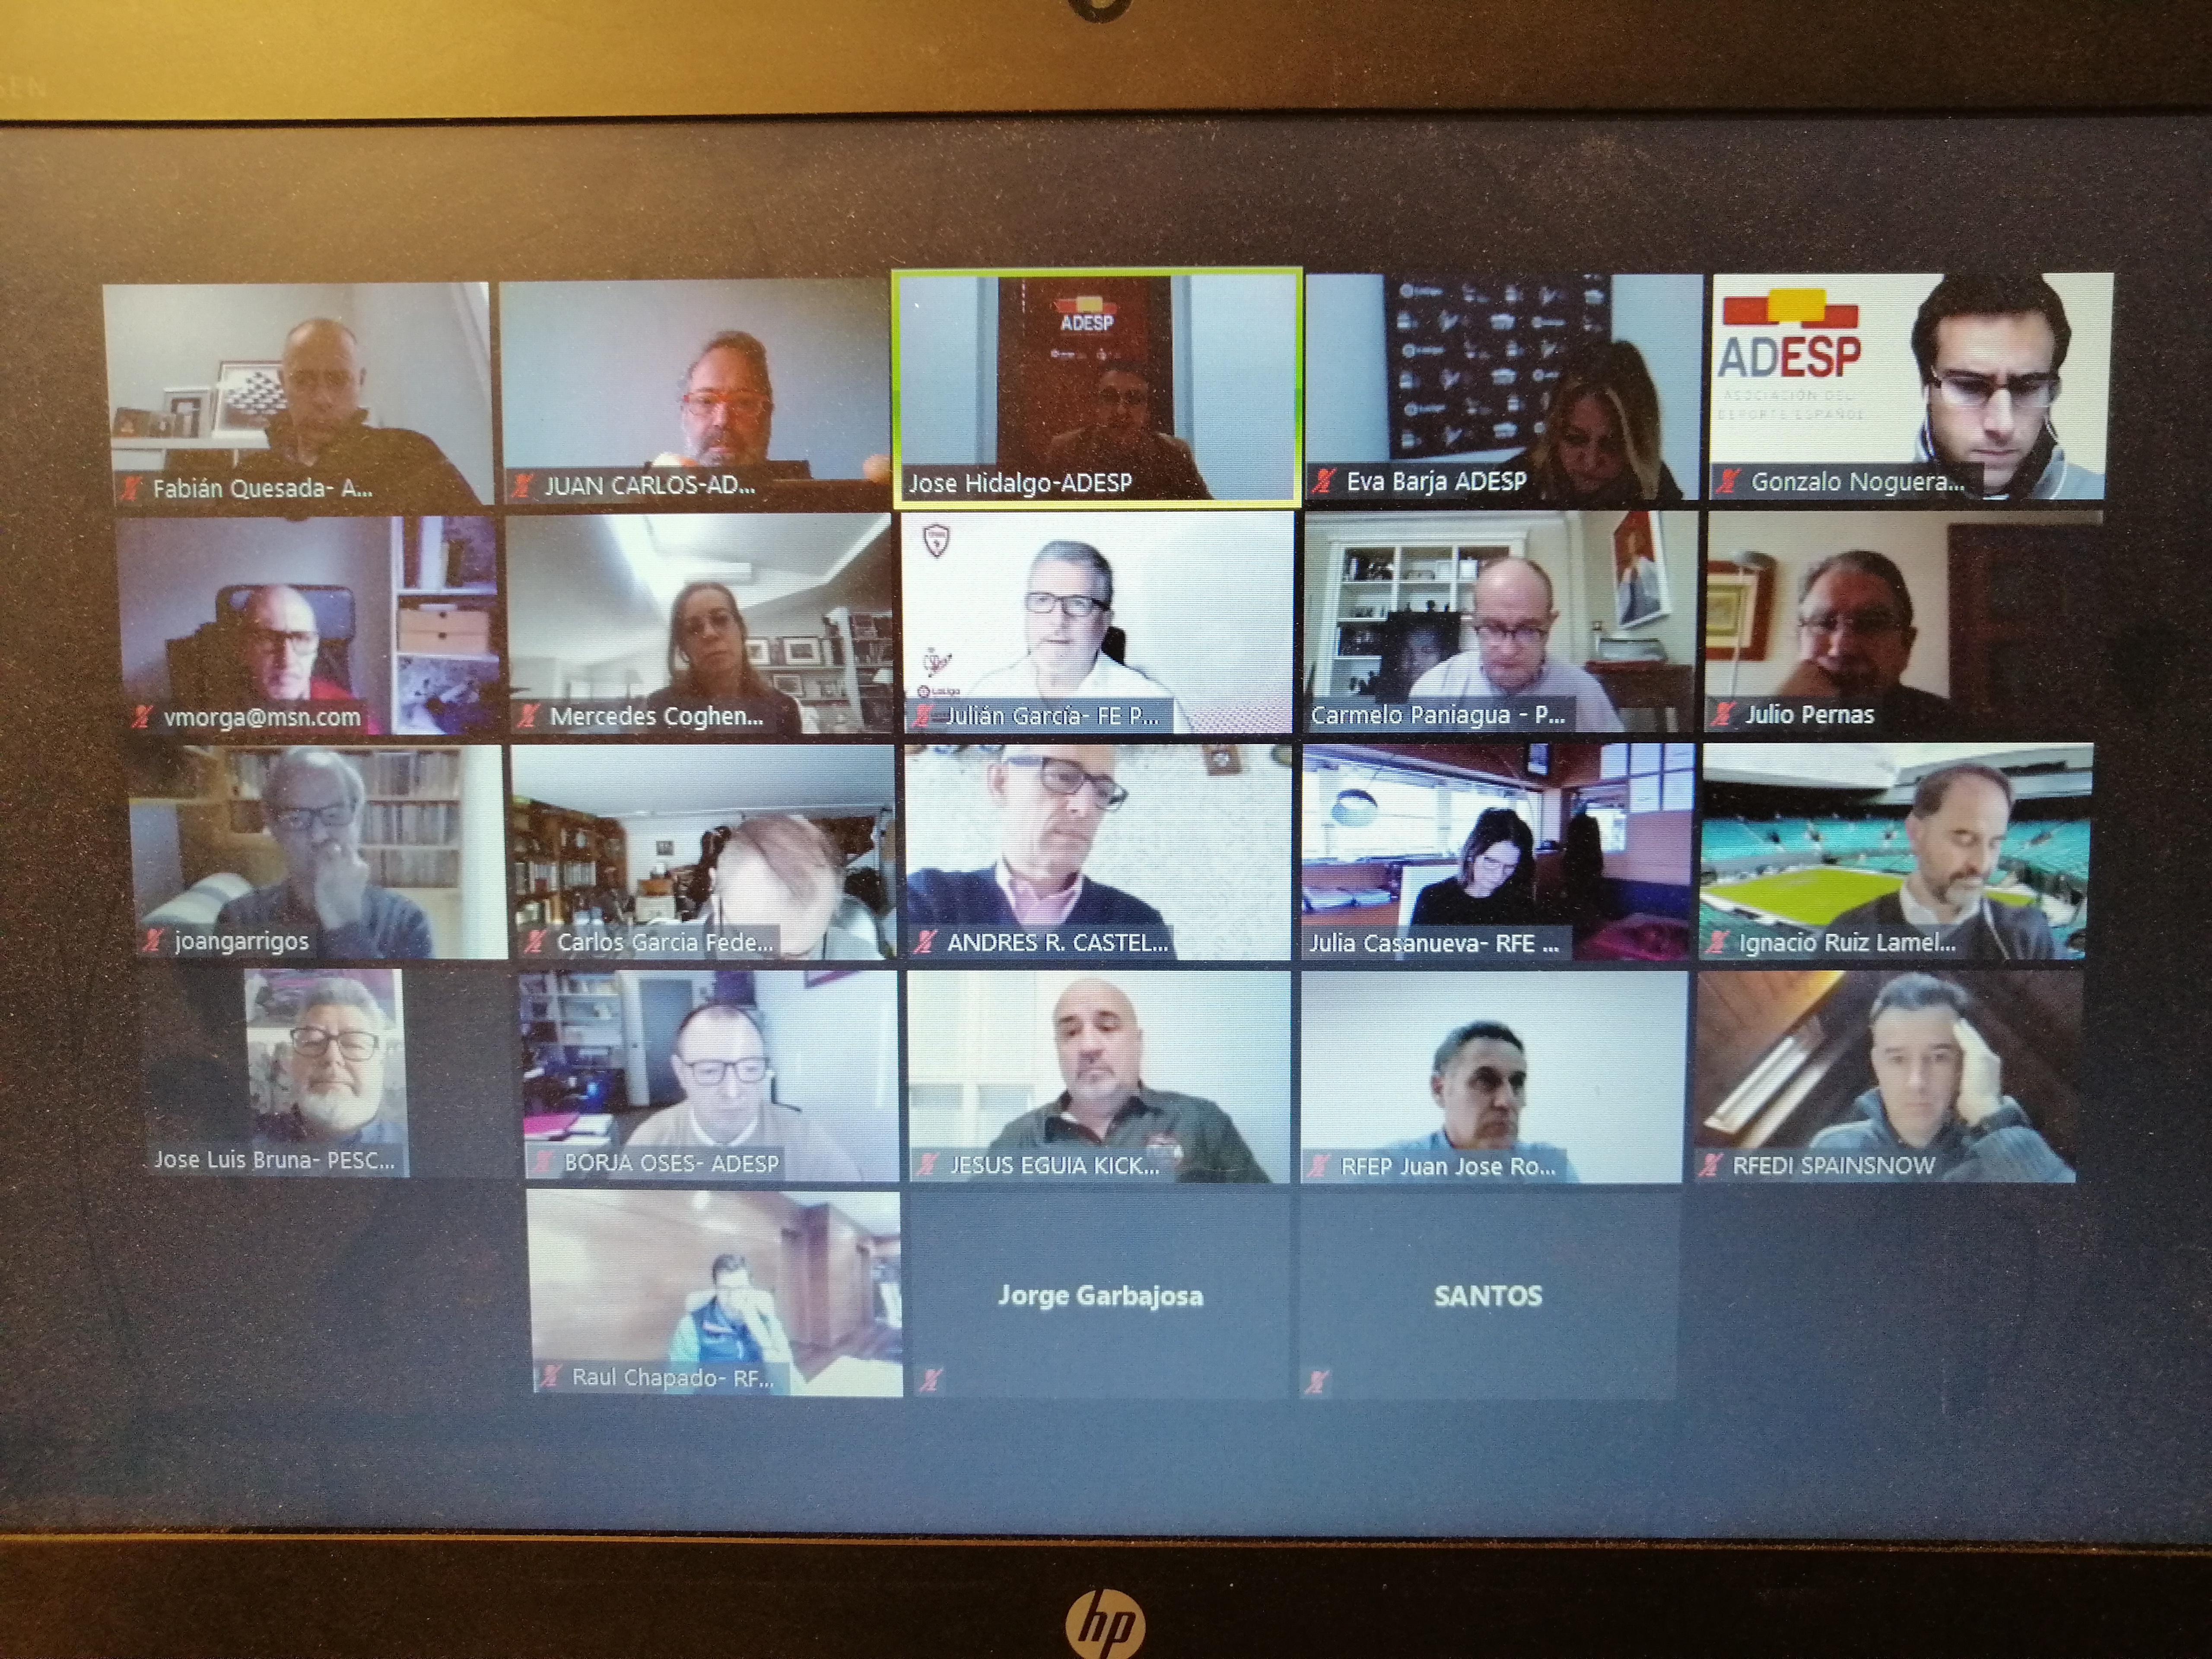 Nueva reunión de la Junta Directiva de ADESP